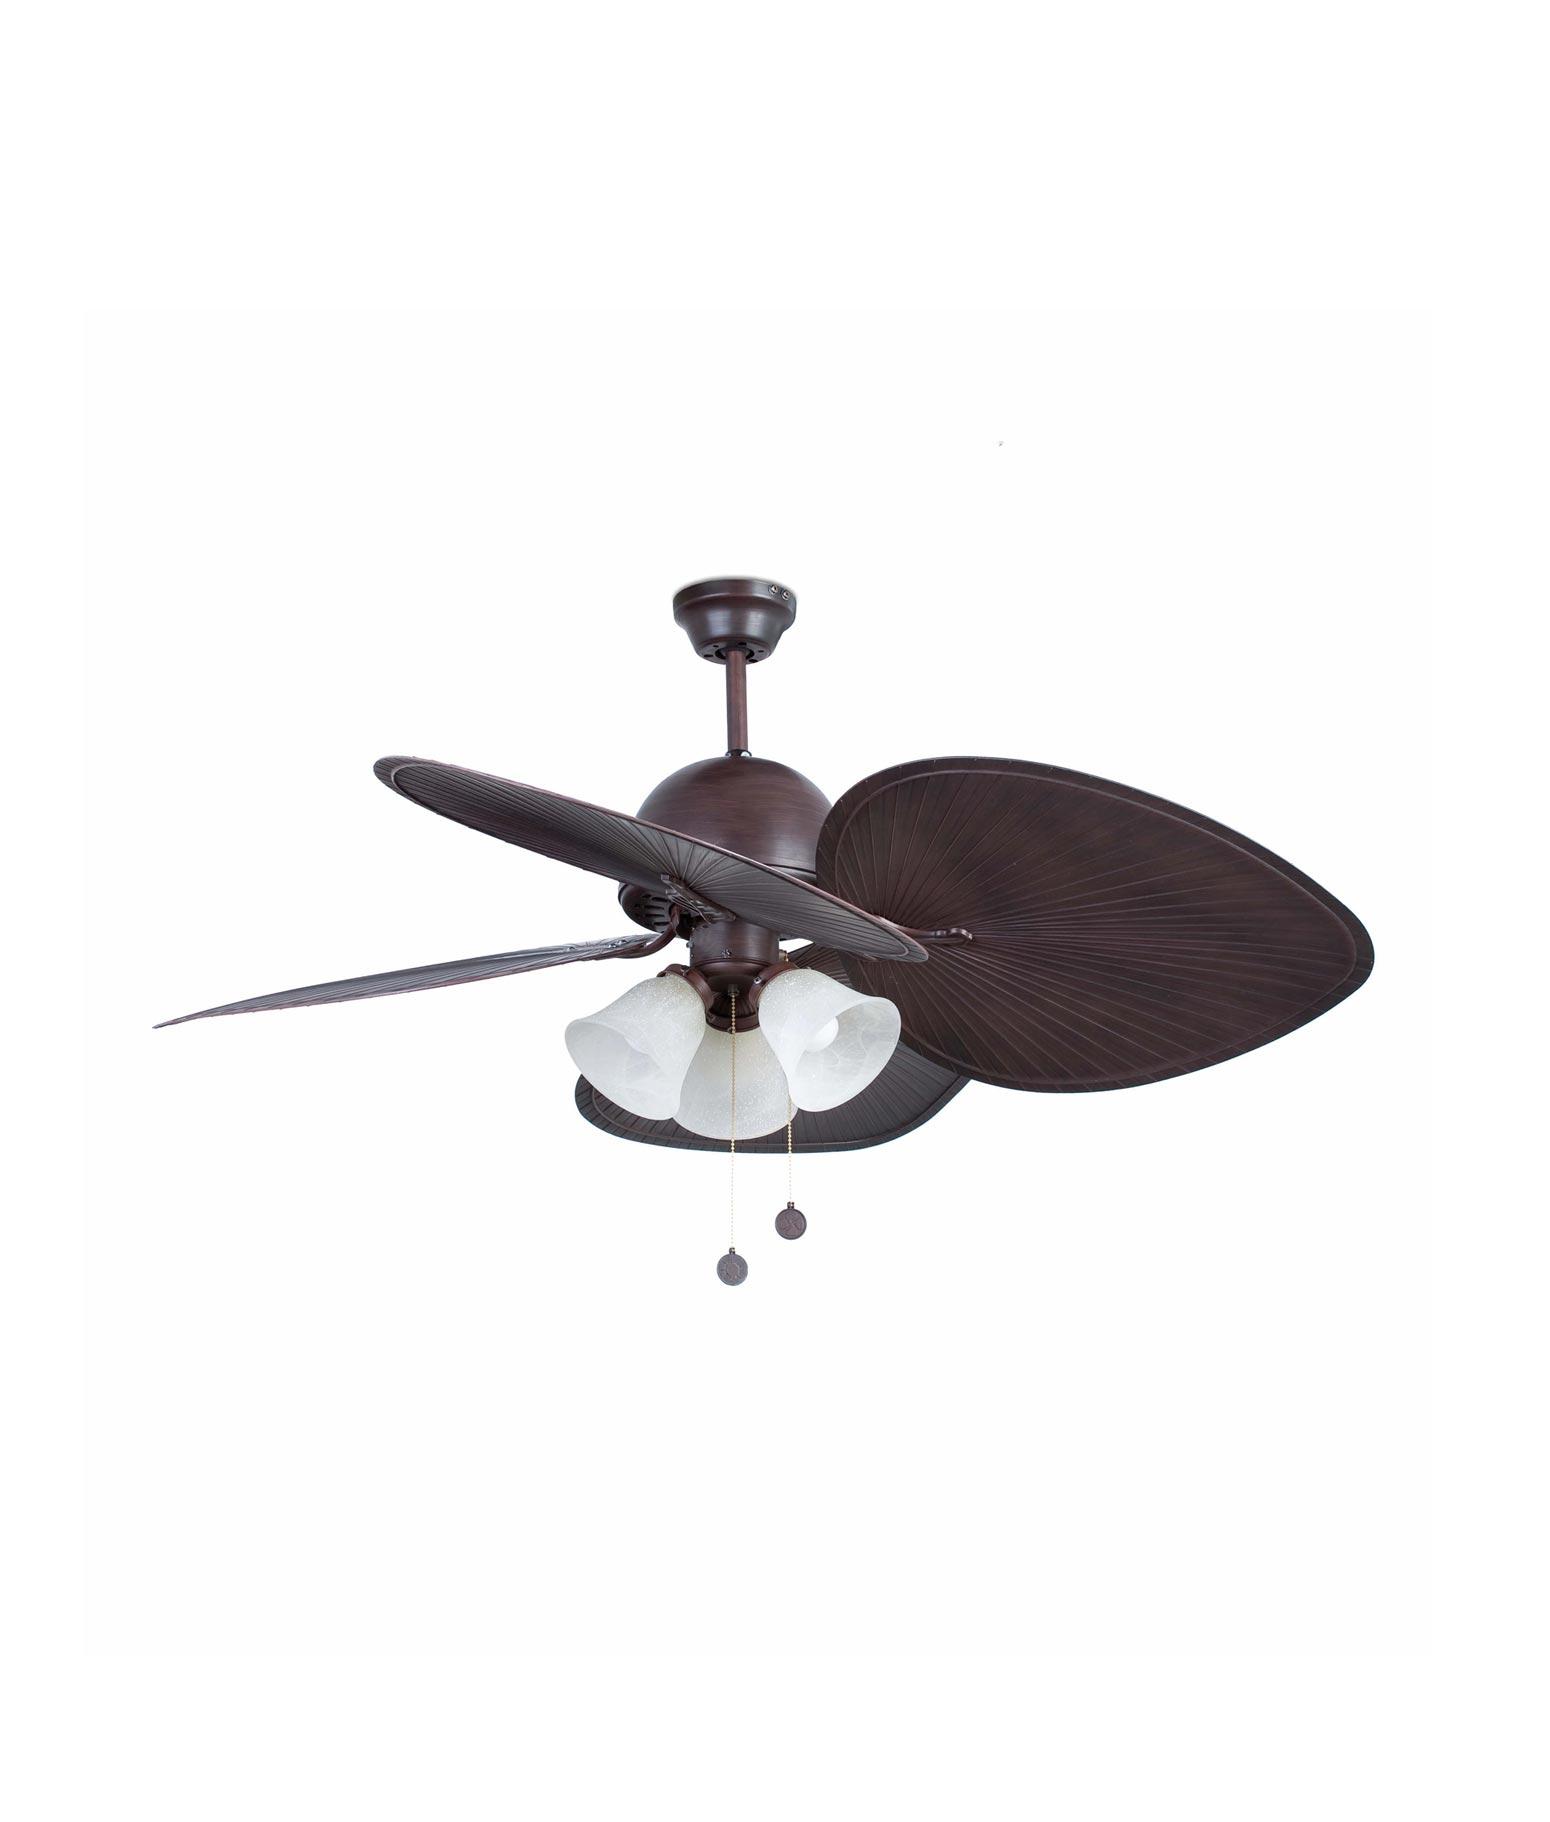 Lamparas para ventiladores de techo 48268 lamparas ideas - Lamparas de techo con ventilador ...